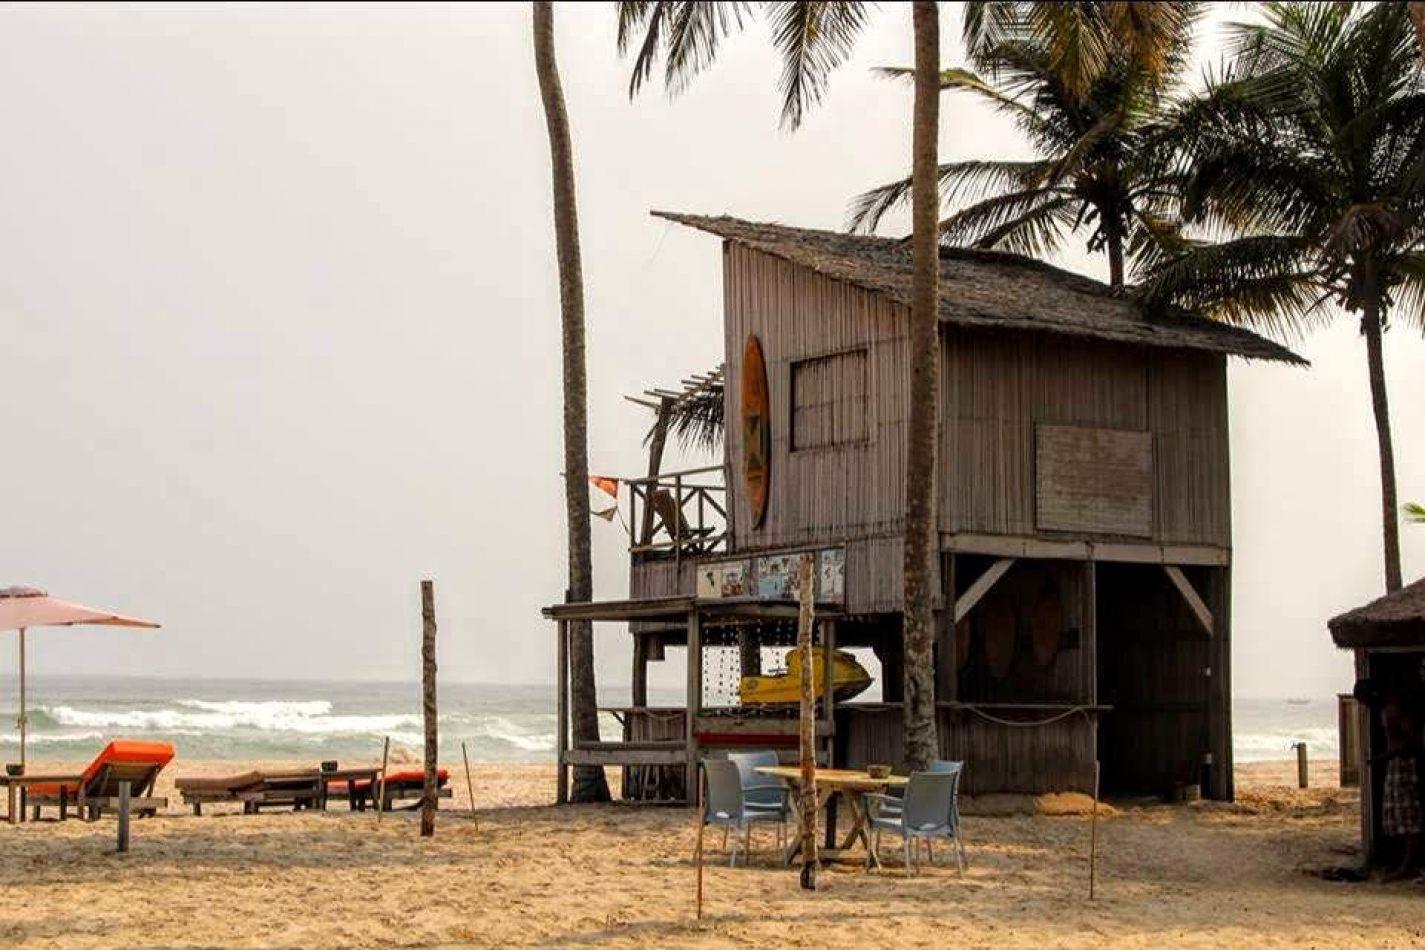 Hibiscus & Nomada : Ivory Coast - Assinie